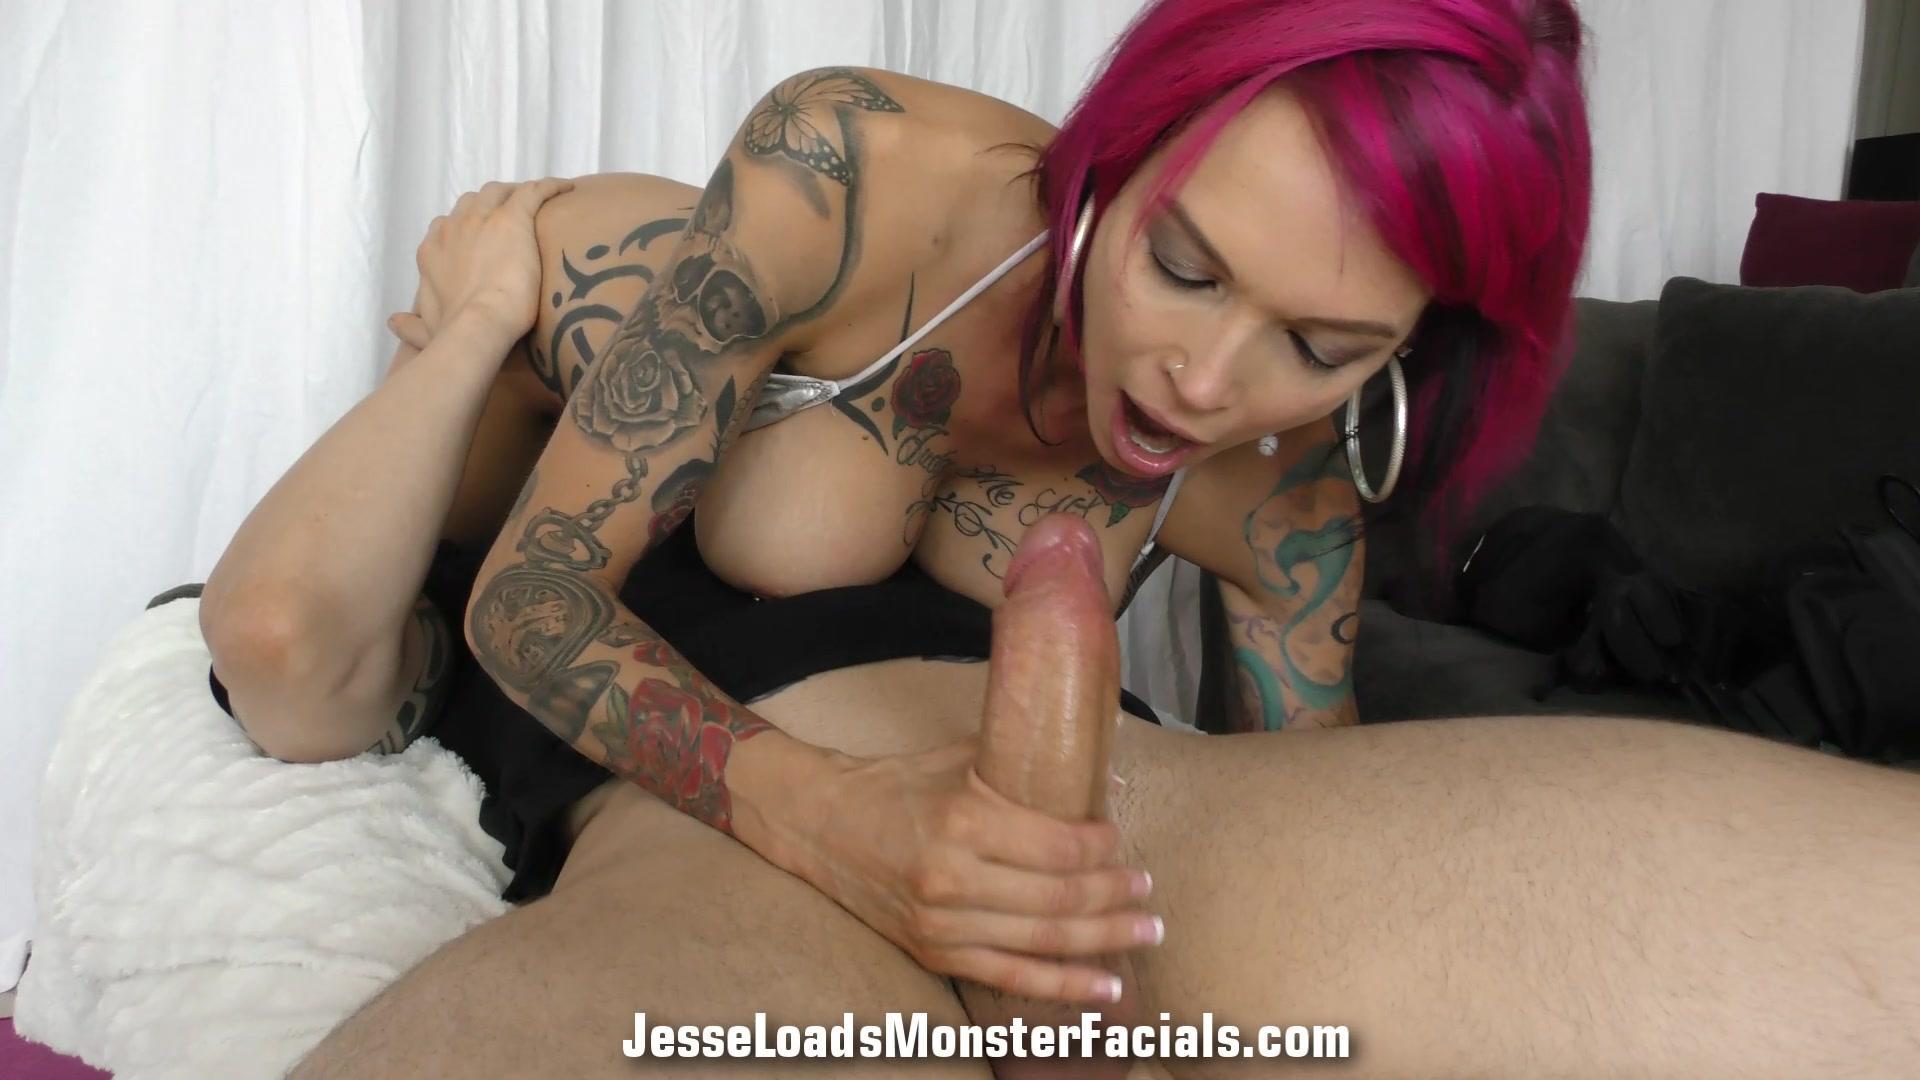 Jesse Loads Monster Facials – Anna Bell Peaks